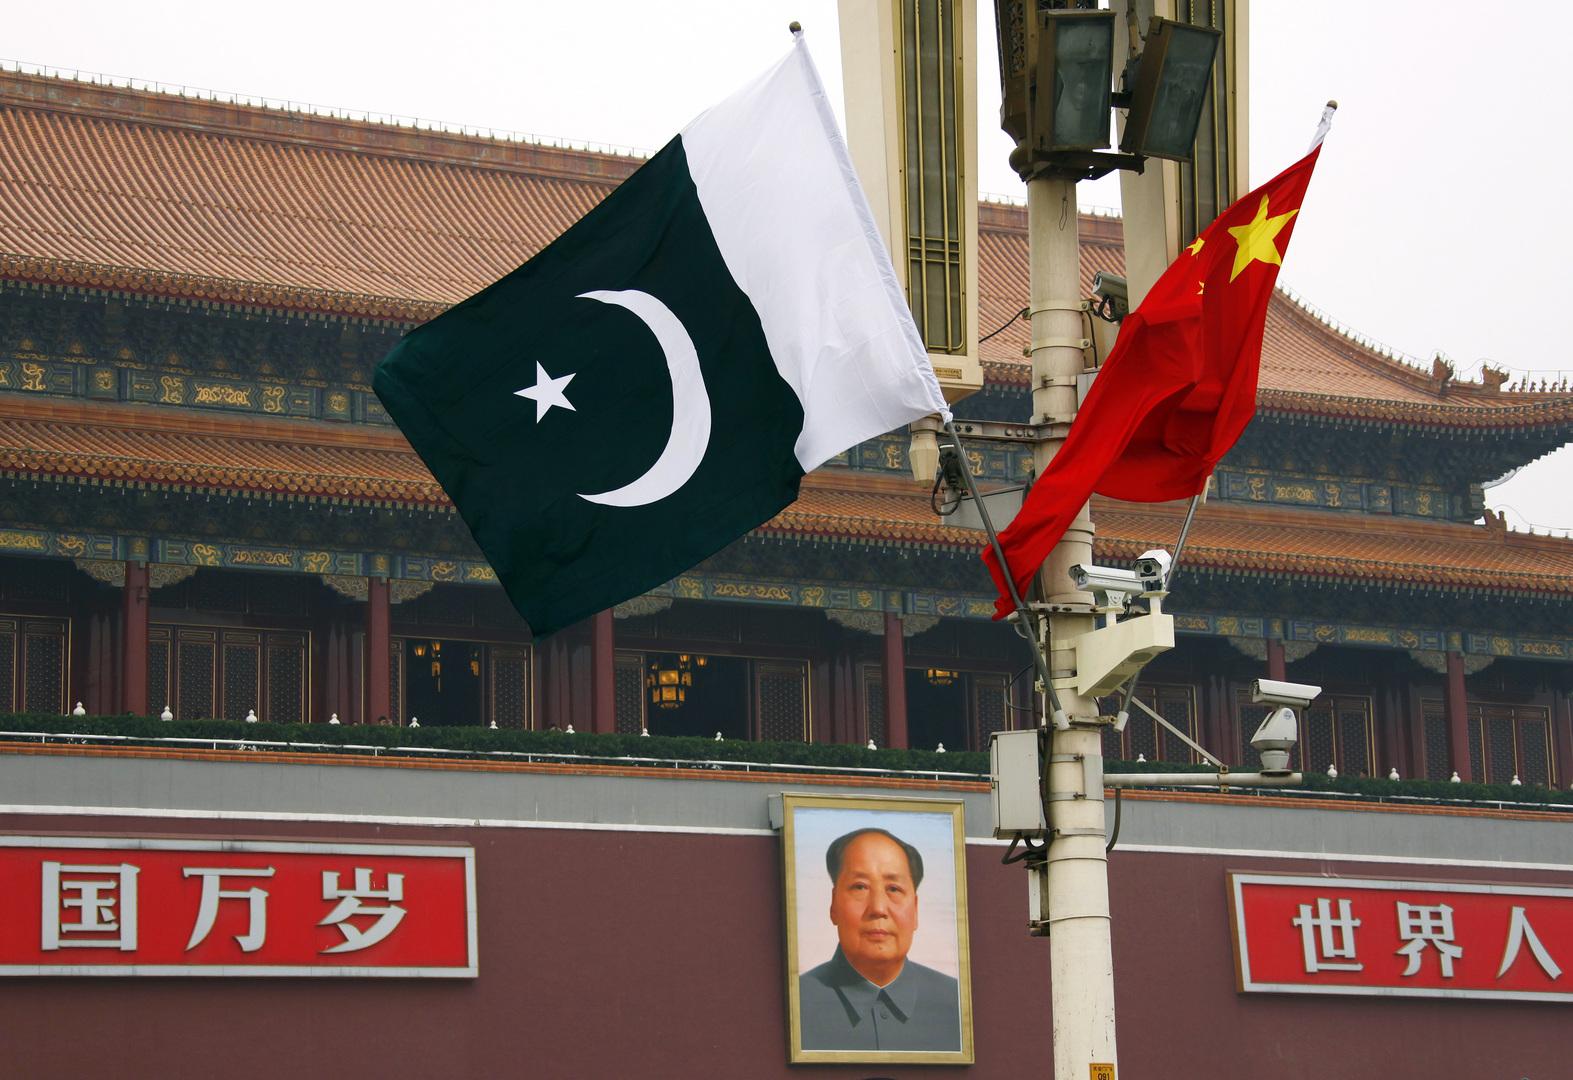 العلم الصيني والعلم الباكستاني